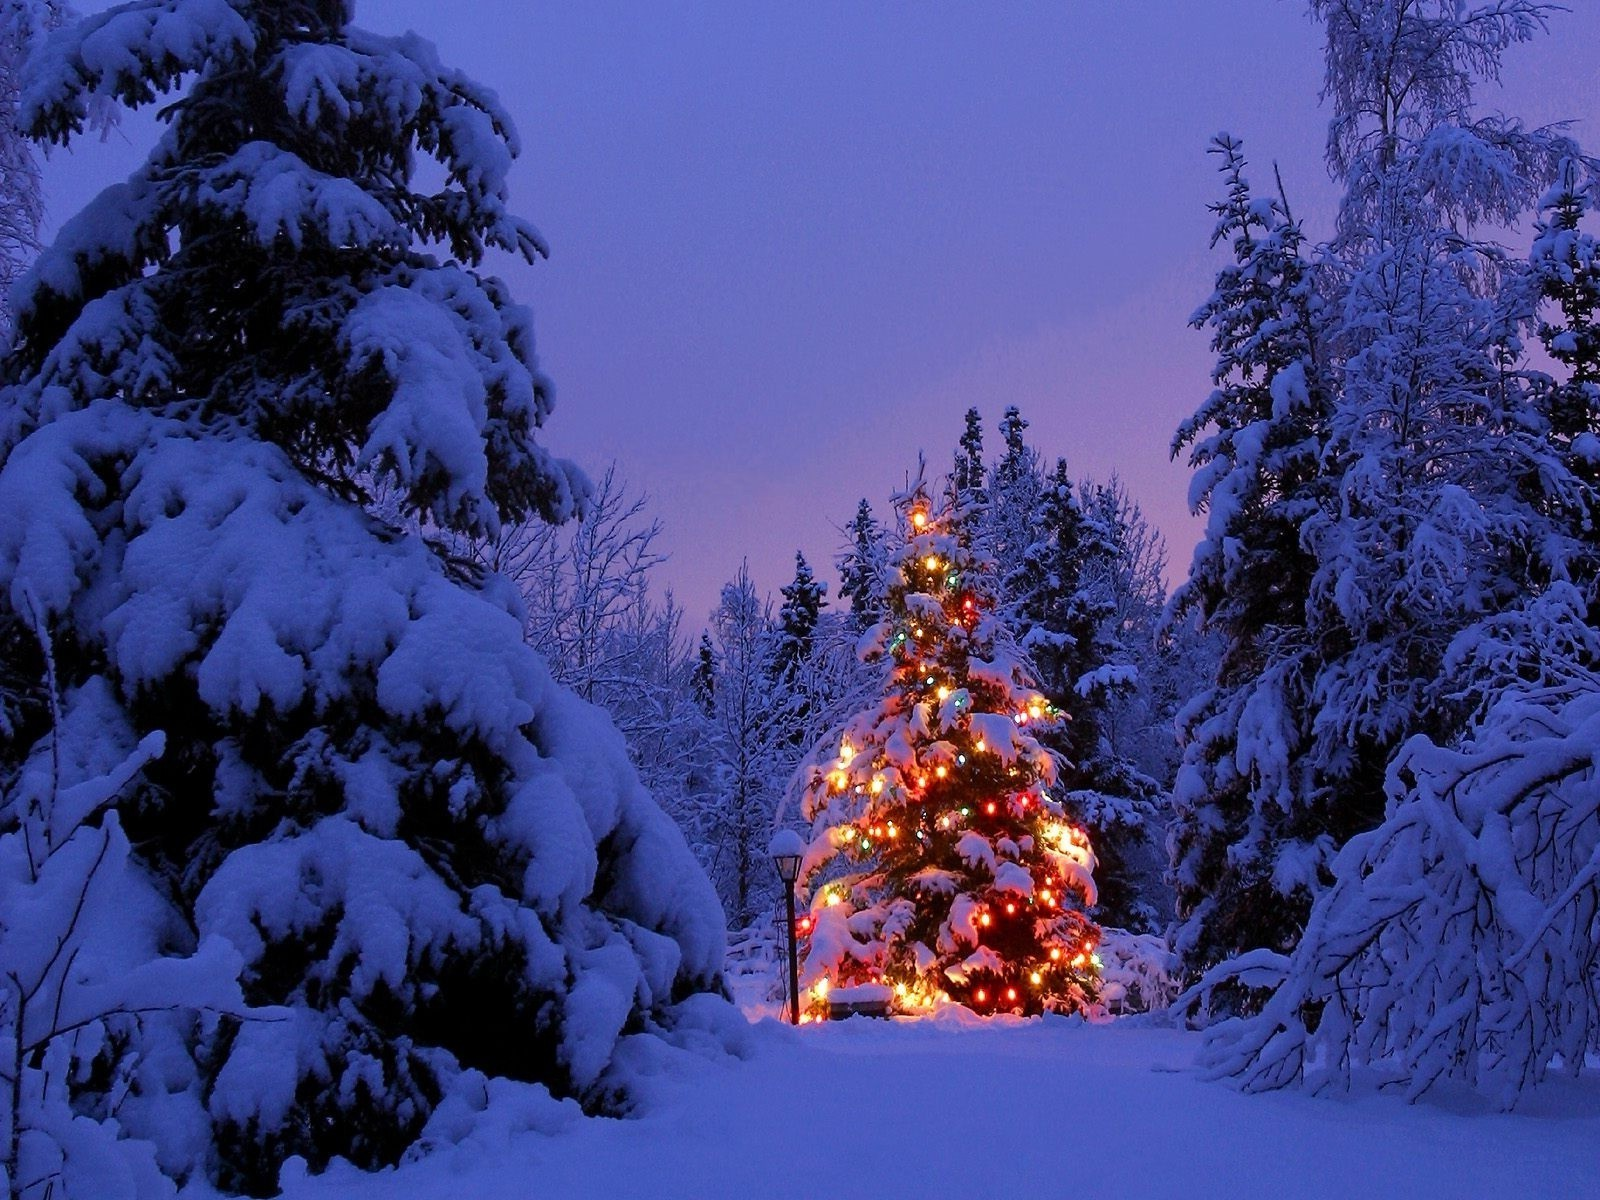 последовала роль красивые фото новый год зима имеет право навязывать